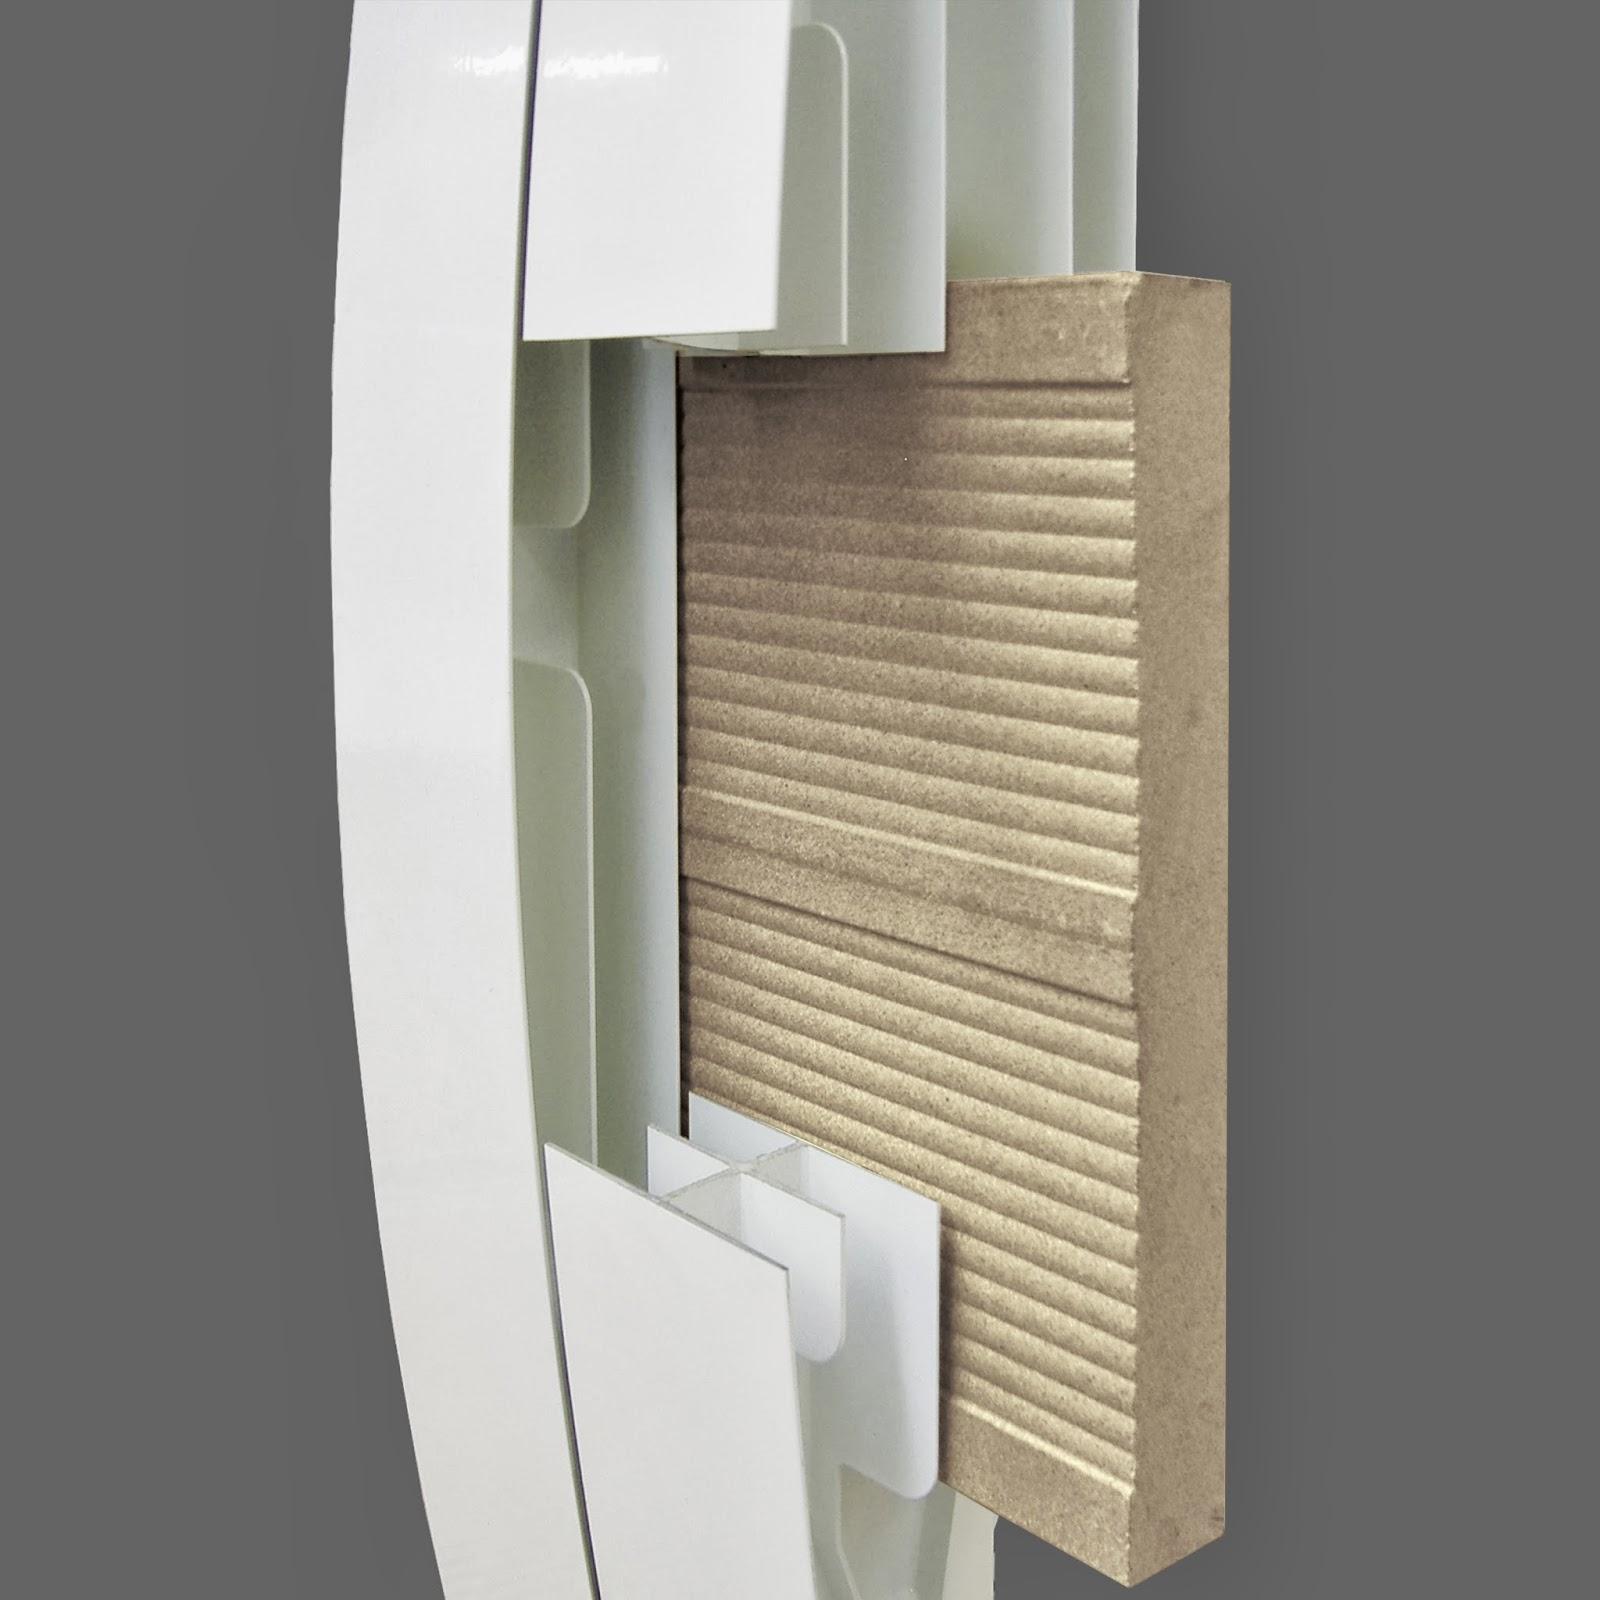 Emisor termico leroy merlin hydraulic actuators - Consumo emisores termicos ...